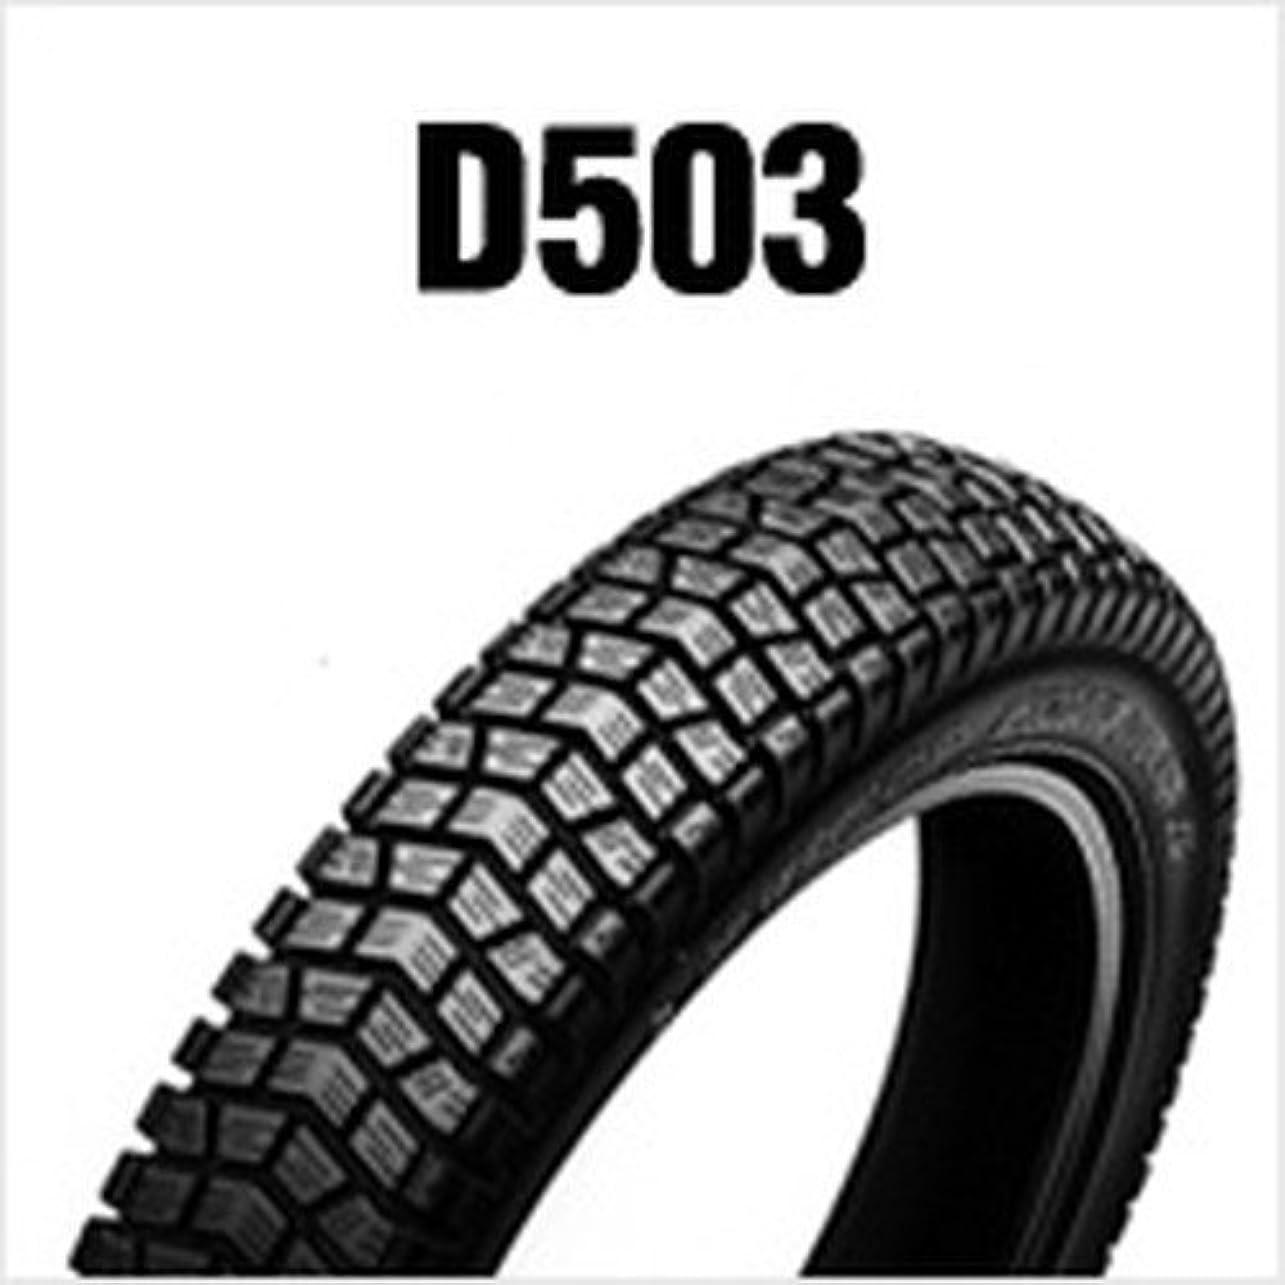 自我遠え古代DUNLOP(ダンロップ)バイクタイヤ スノータイヤ D503 フロント 70/100-14 M/C 37P チューブタイプ(WT) 323629 二輪 オートバイ用 323629